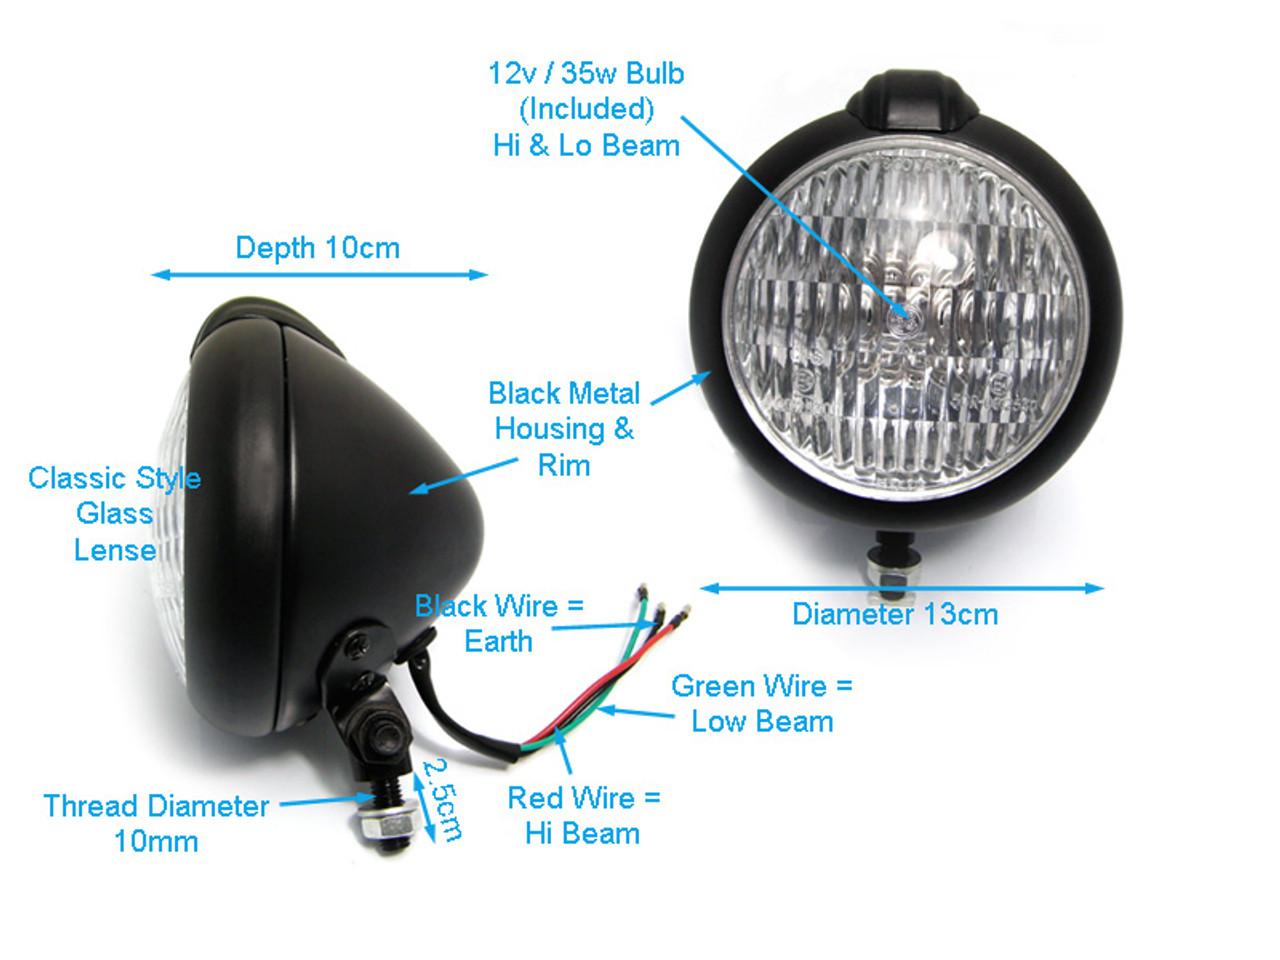 Bates Headlight Wiring Diagram -97 Ford F 150 4x4 Fuse Box Diagram |  Begeboy Wiring Diagram Source | Bates Headlight Wiring Diagram |  | Begeboy Wiring Diagram Source